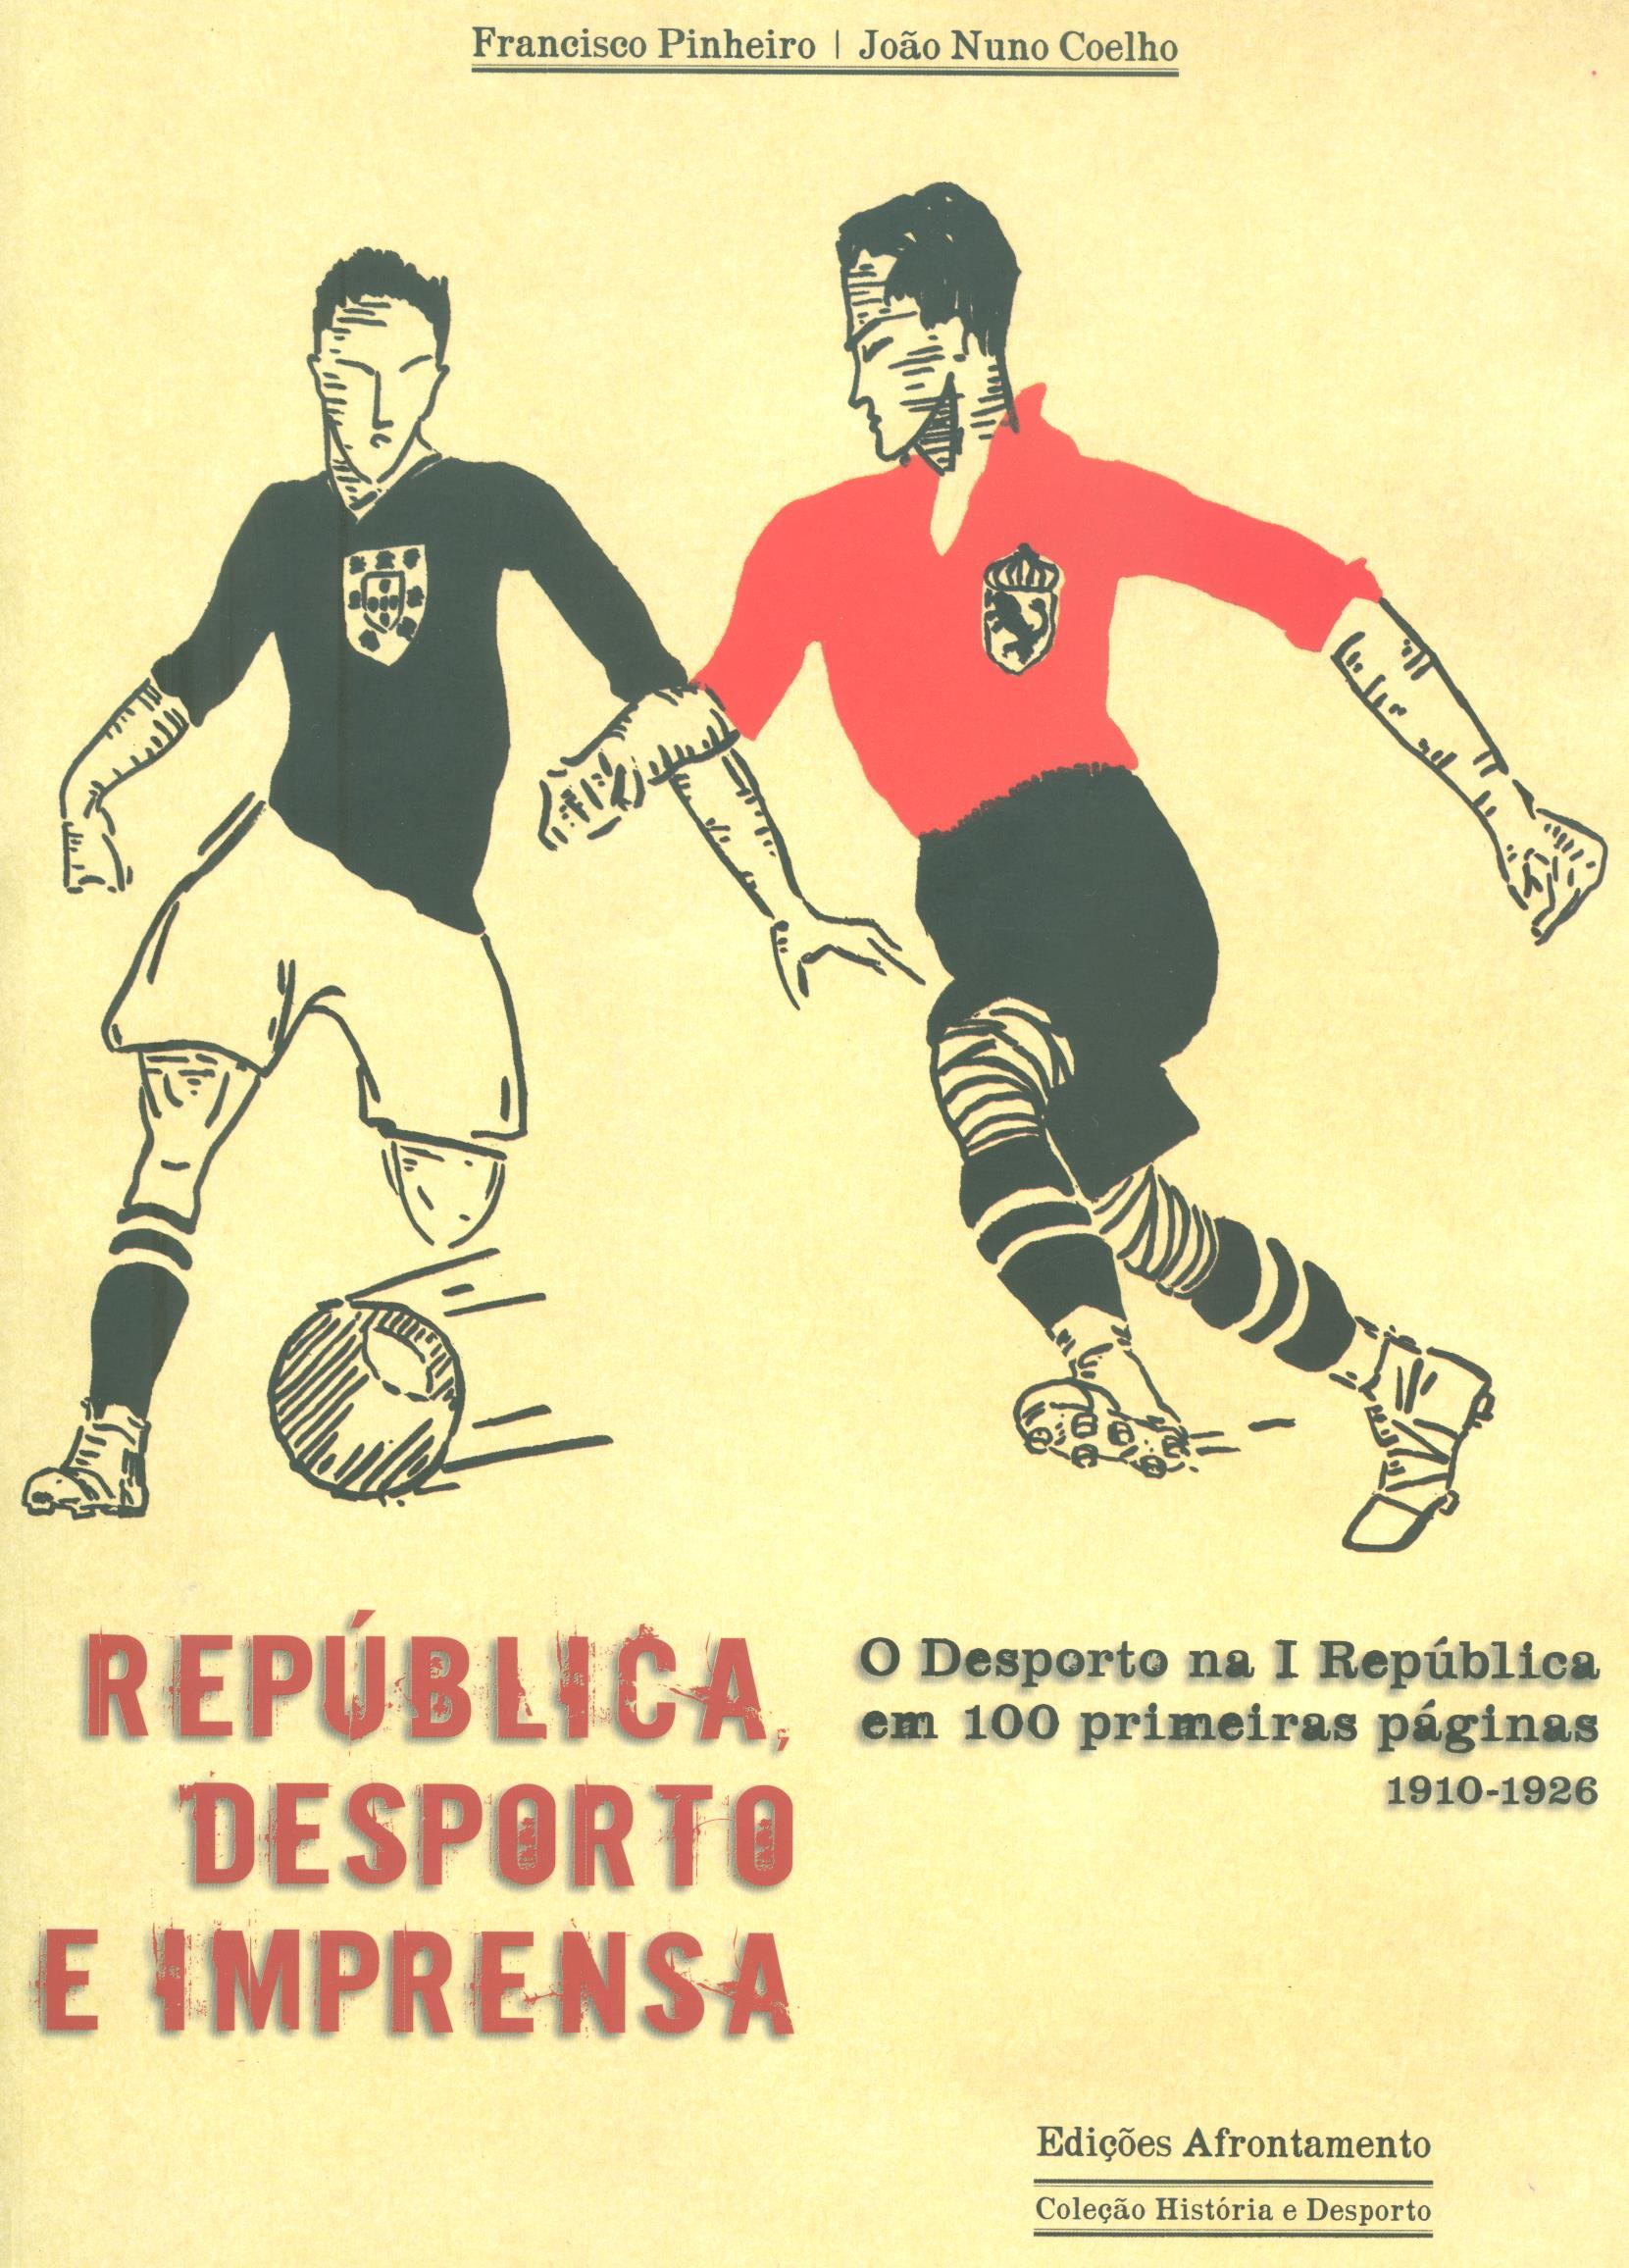 República, Desporto e Imprensa